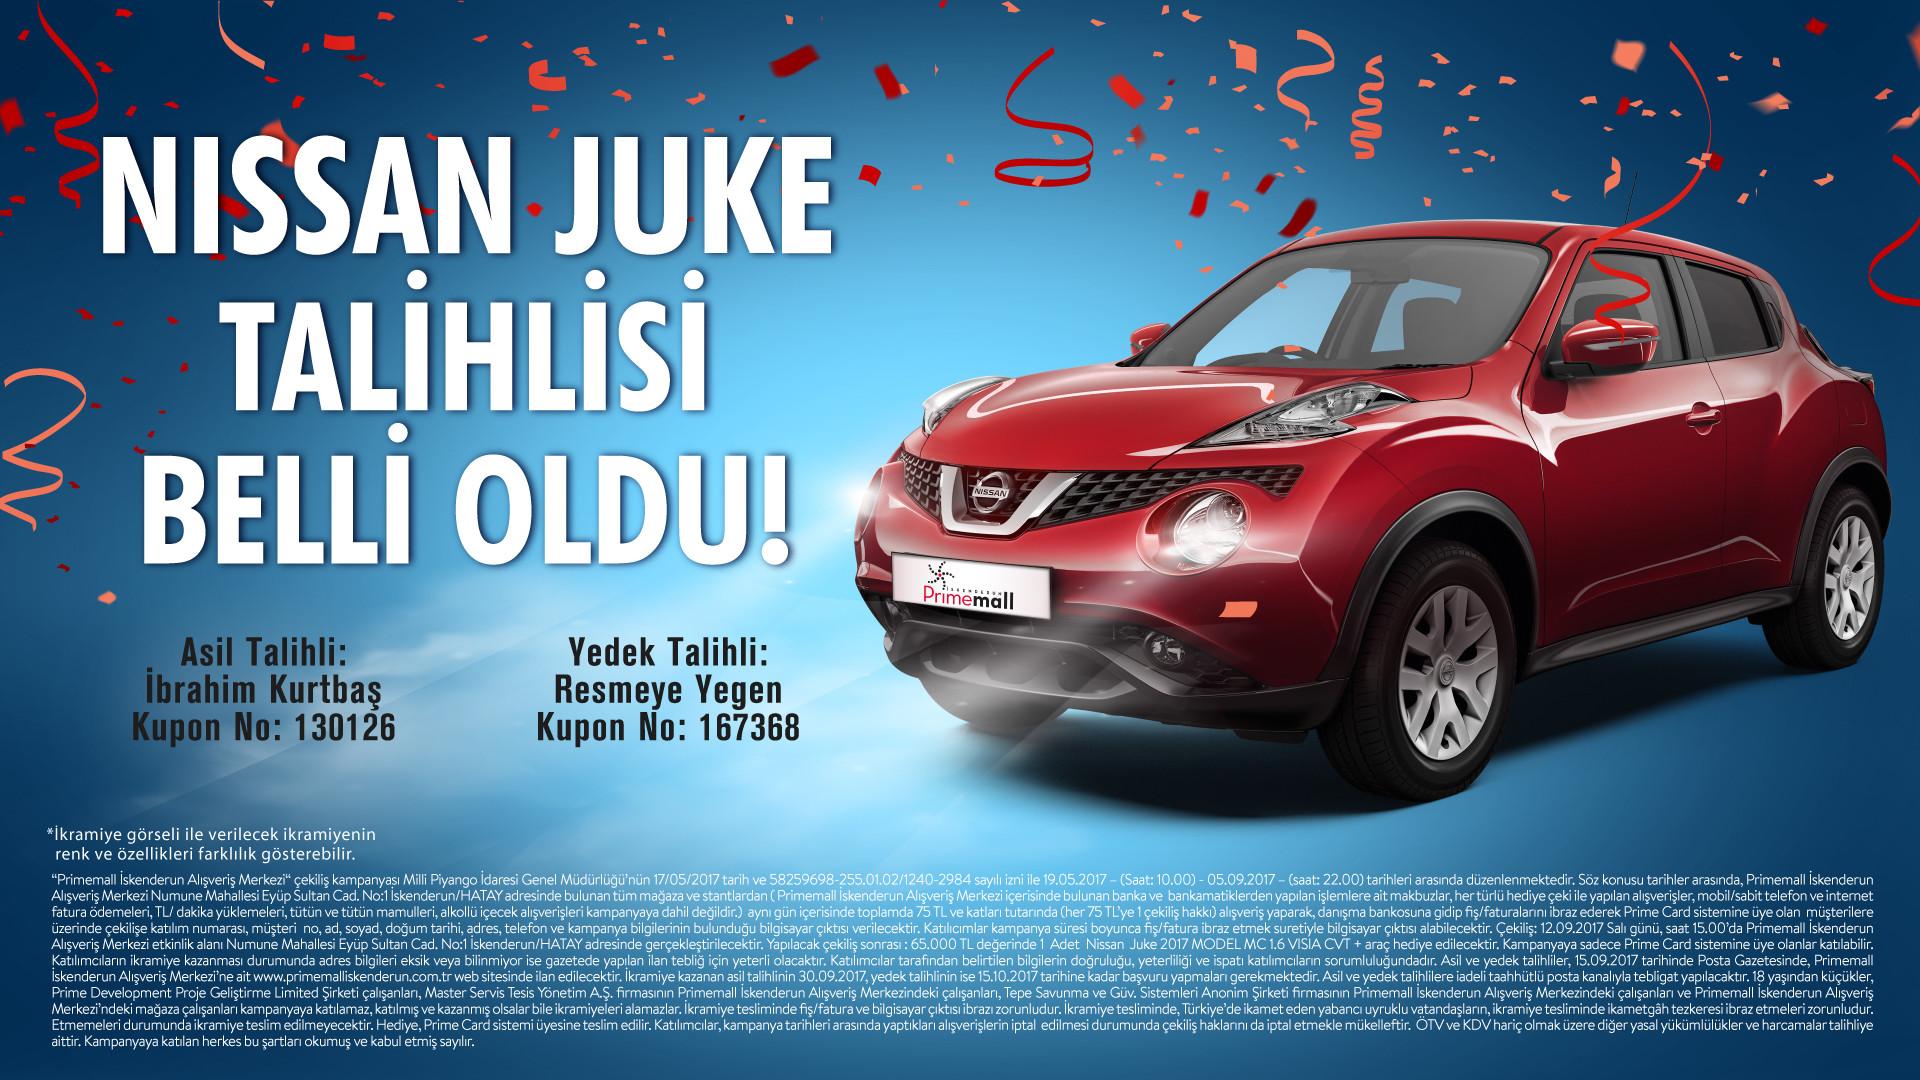 Nissan Juke talihlisi Belli Oldu!